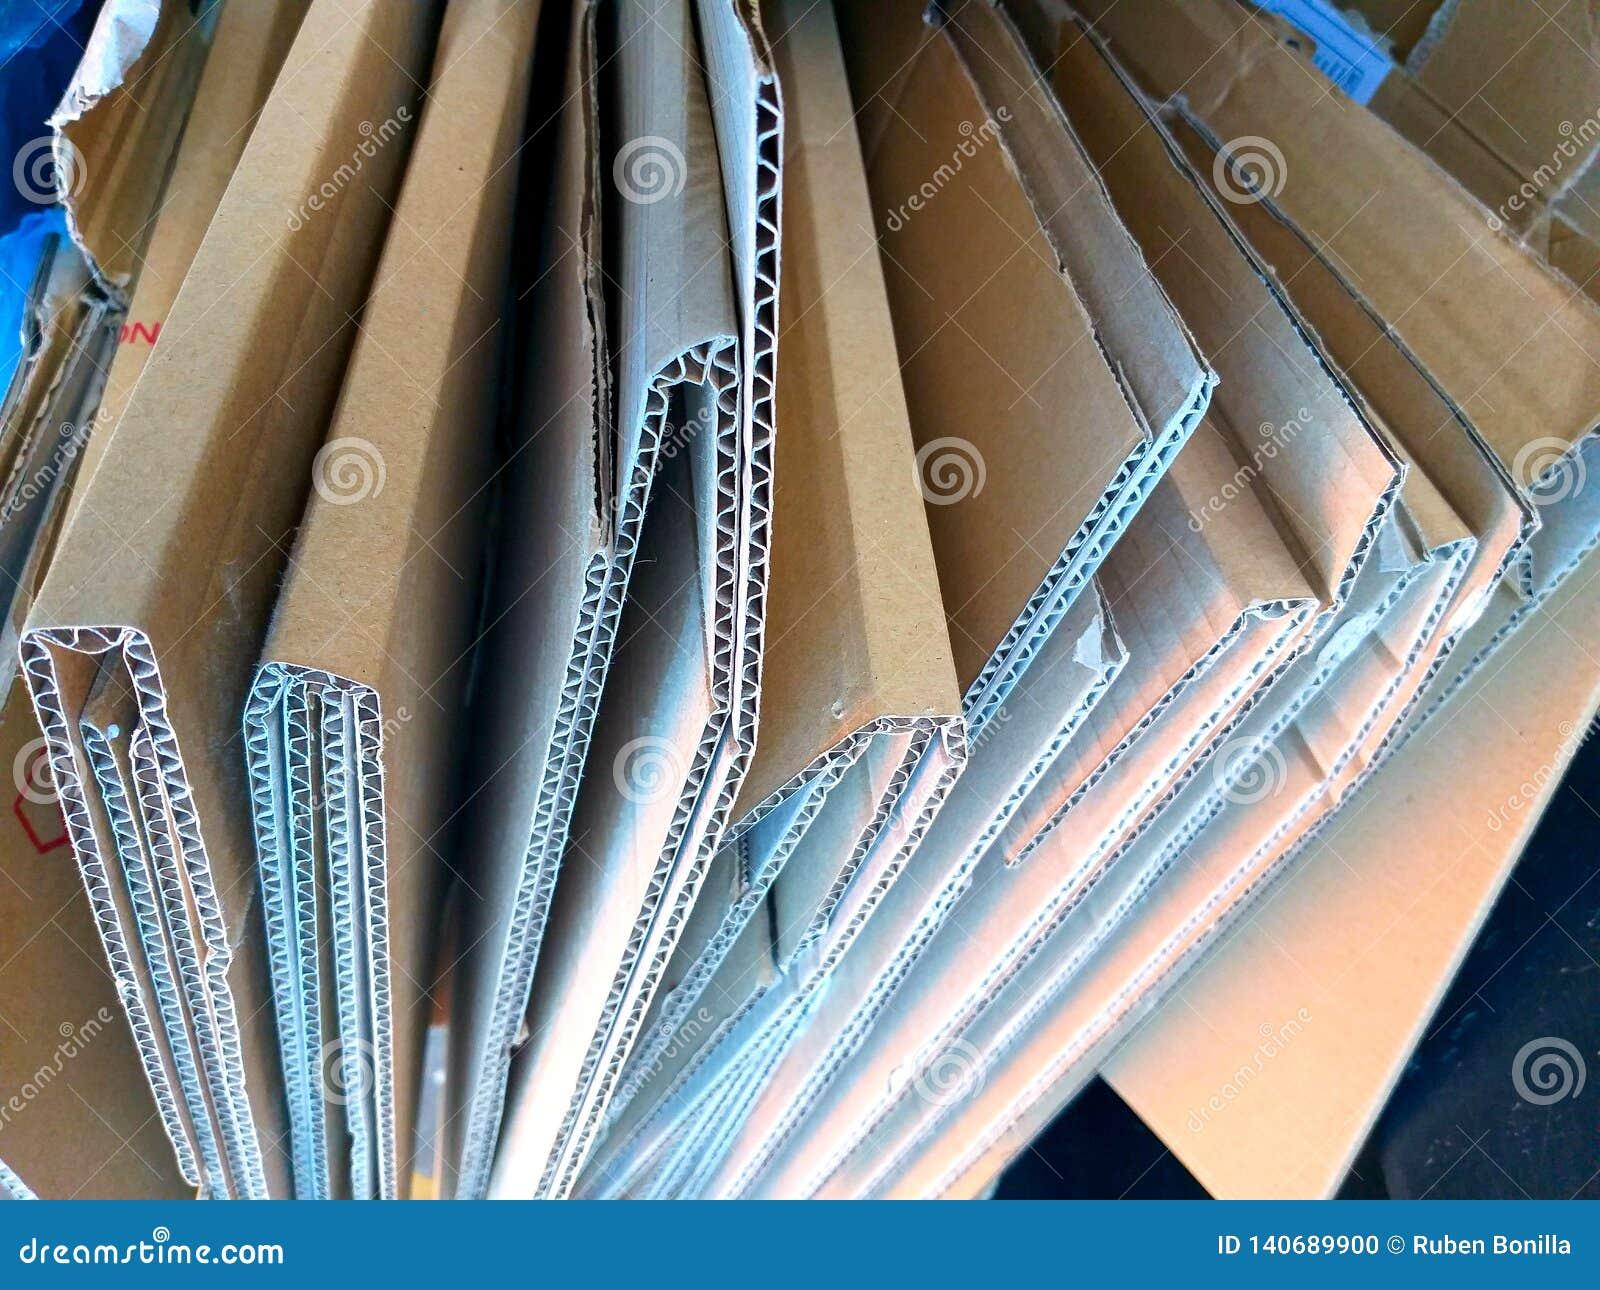 Alcune scatole marroni piegate di cartone pronte a riciclare